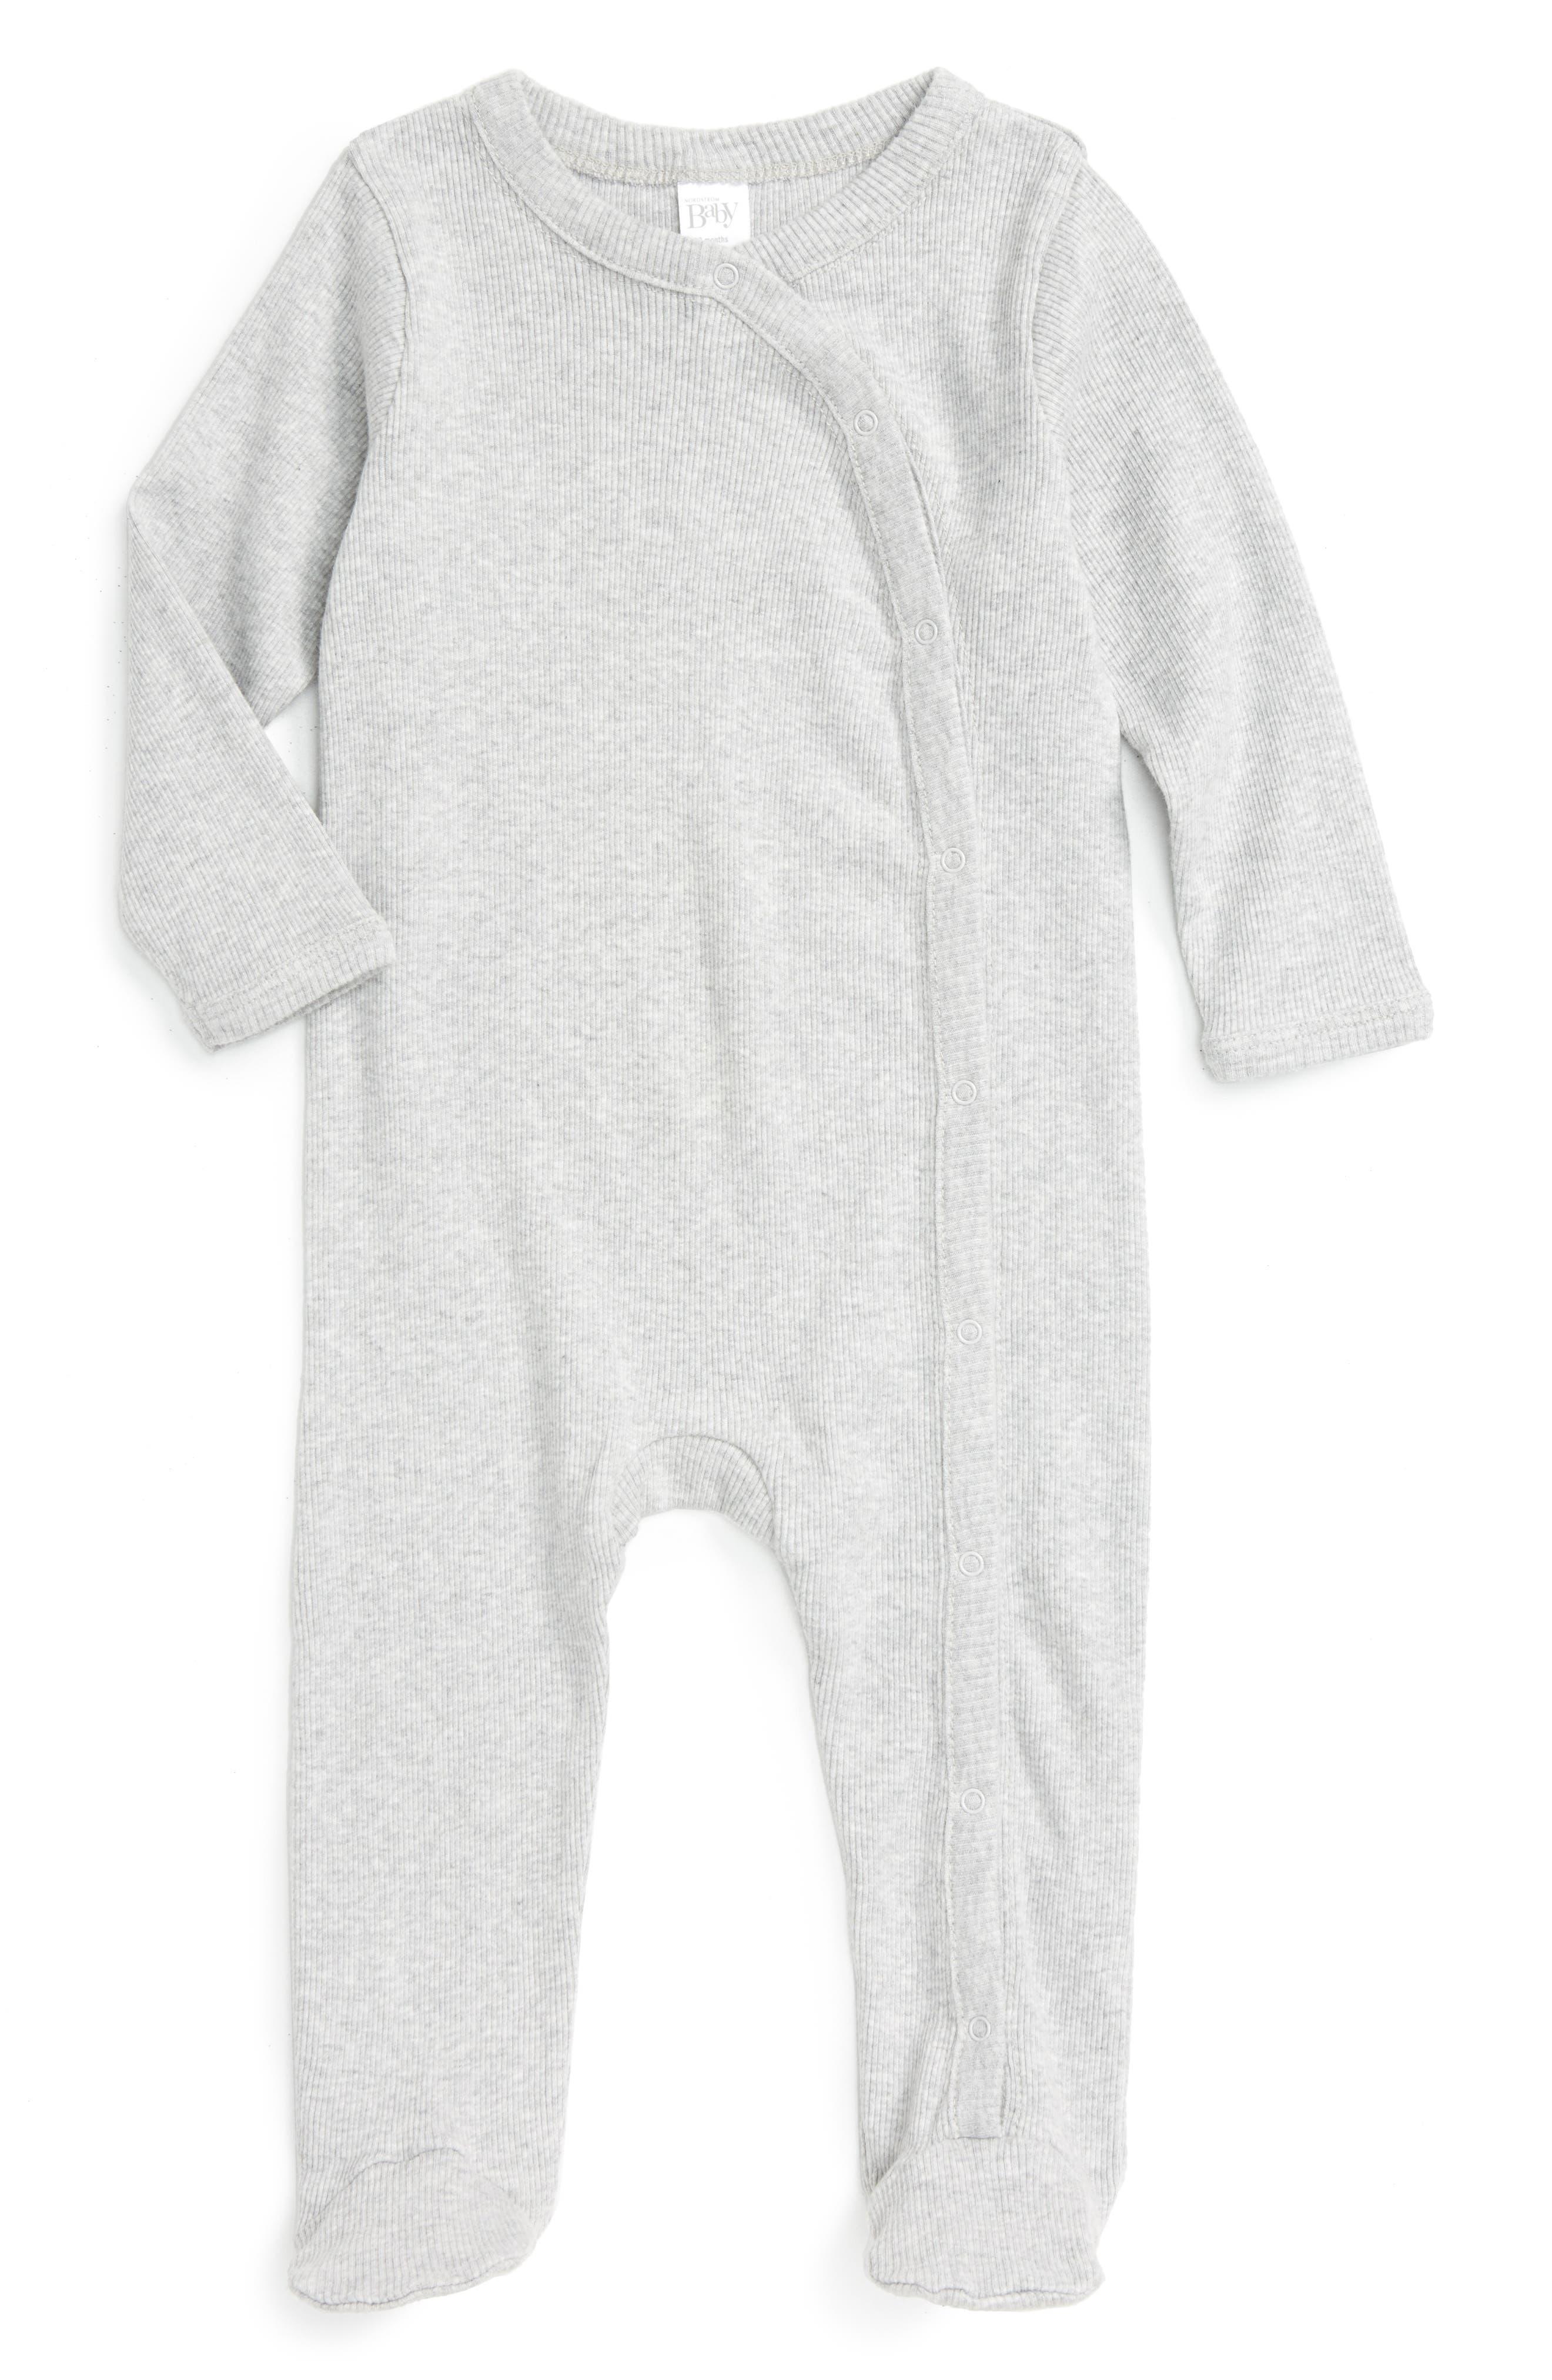 NORDSTROM BABY Rib Knit Footie, Main, color, GREY ASH HEATHER